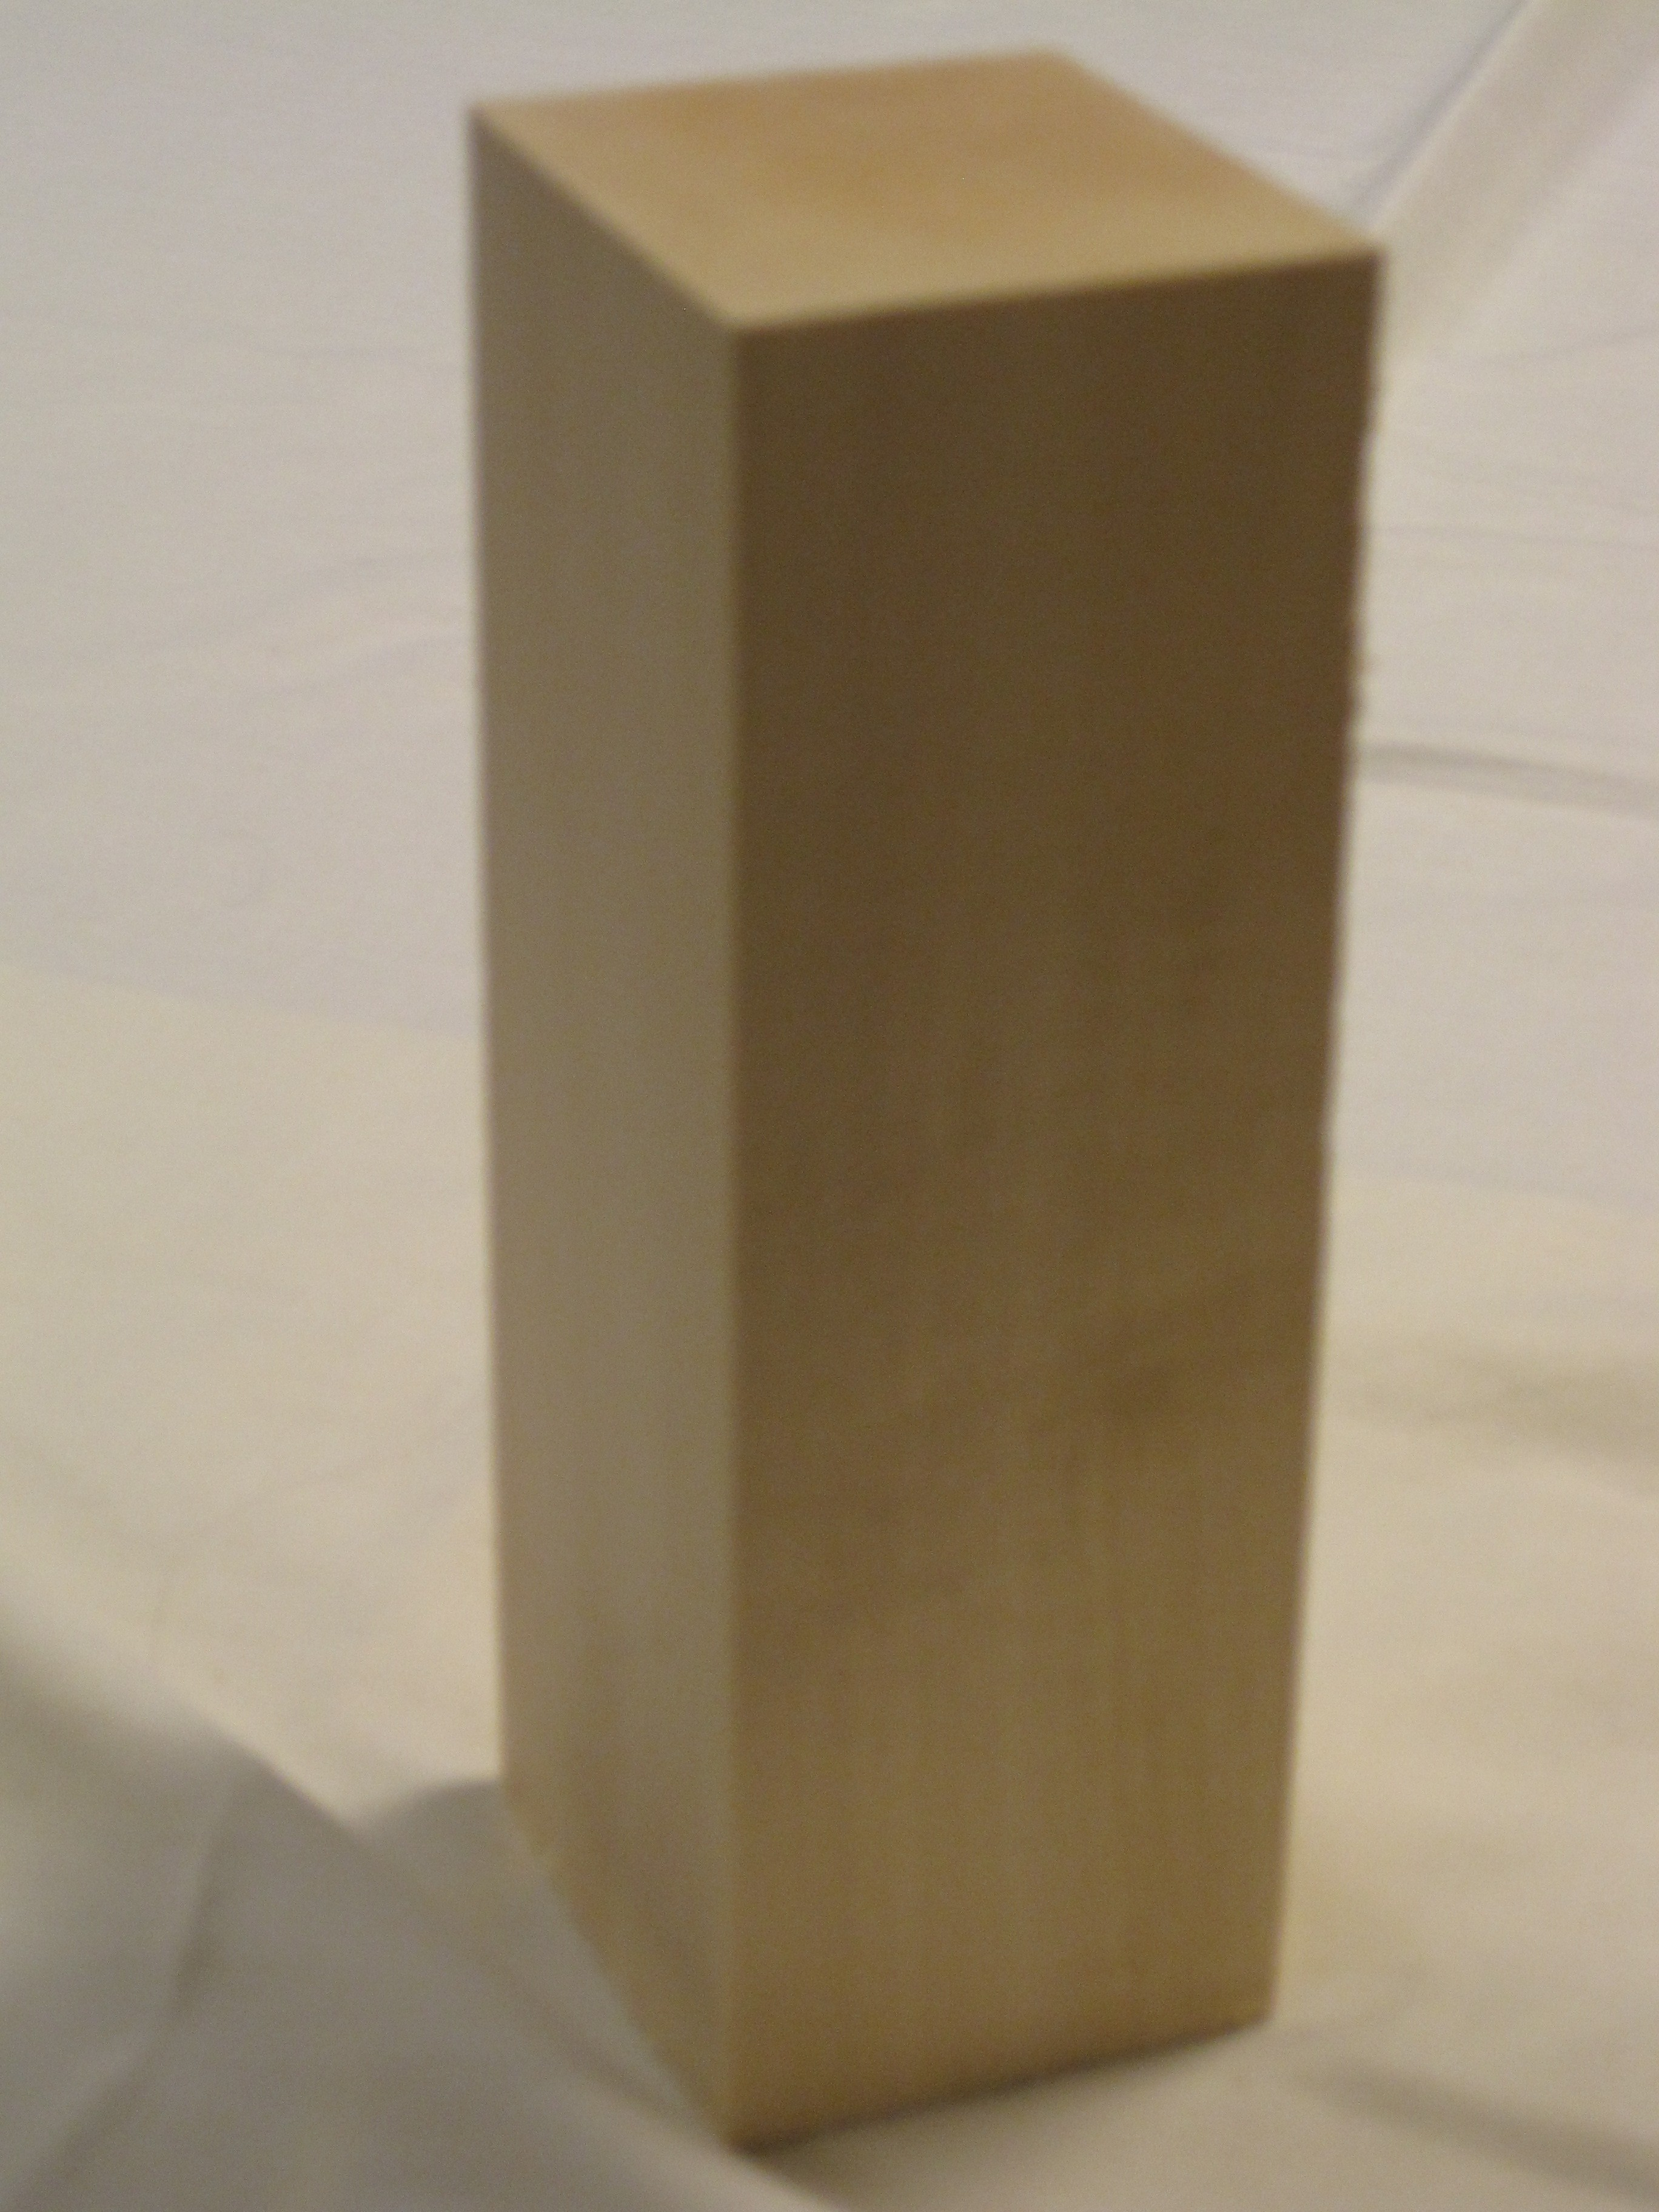 Diy basswood carving blocks for sale wooden pdf loft bed